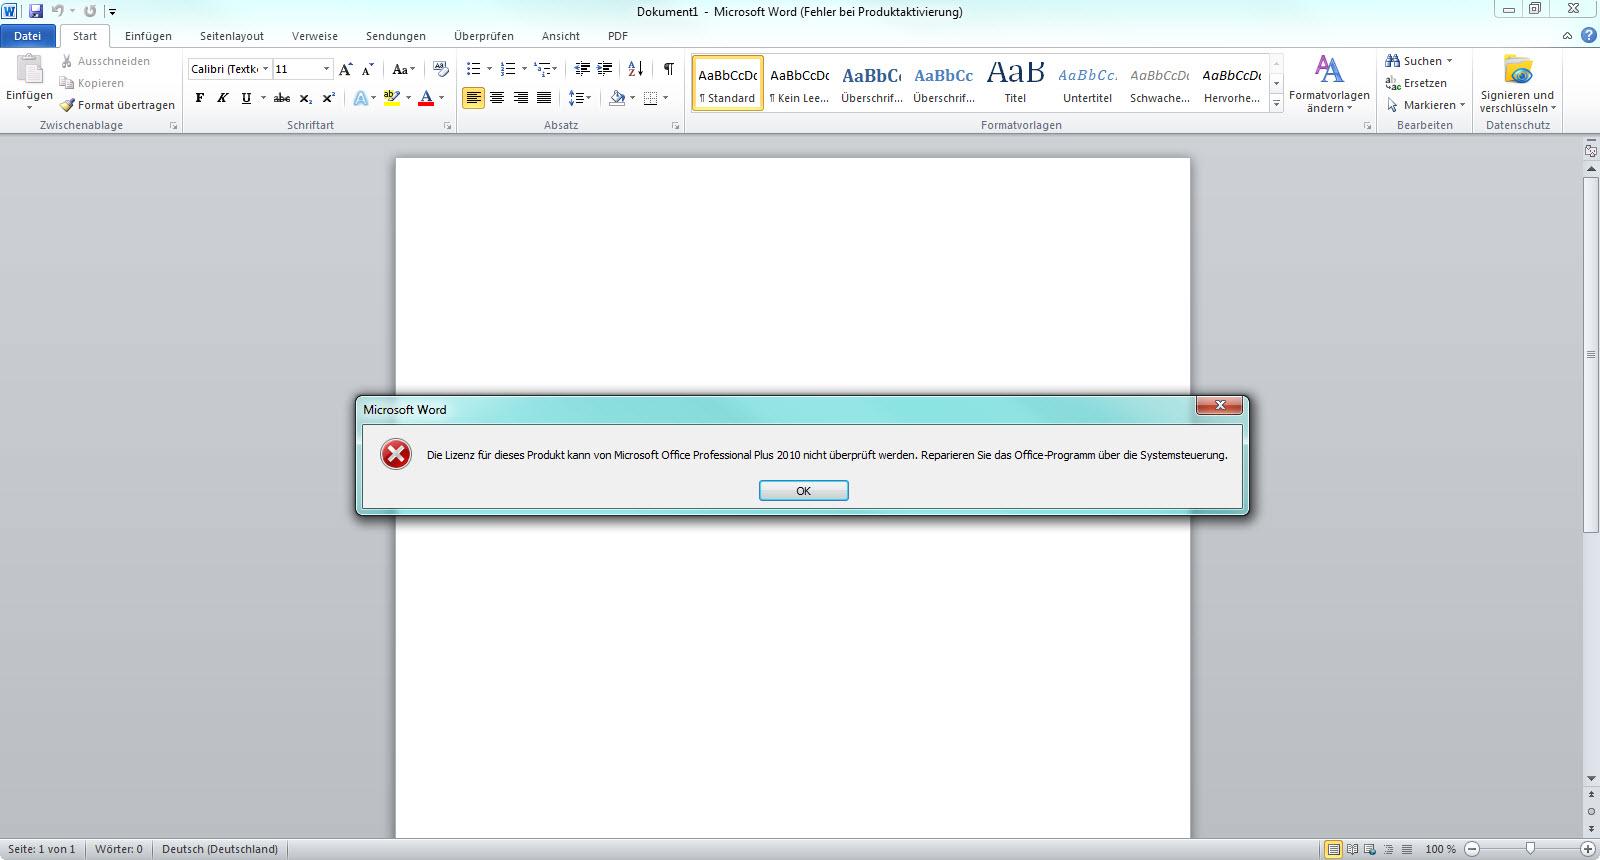 Microsoft Office 2010 Aktivierung - Die Lizenz kann nicht überprüft werden